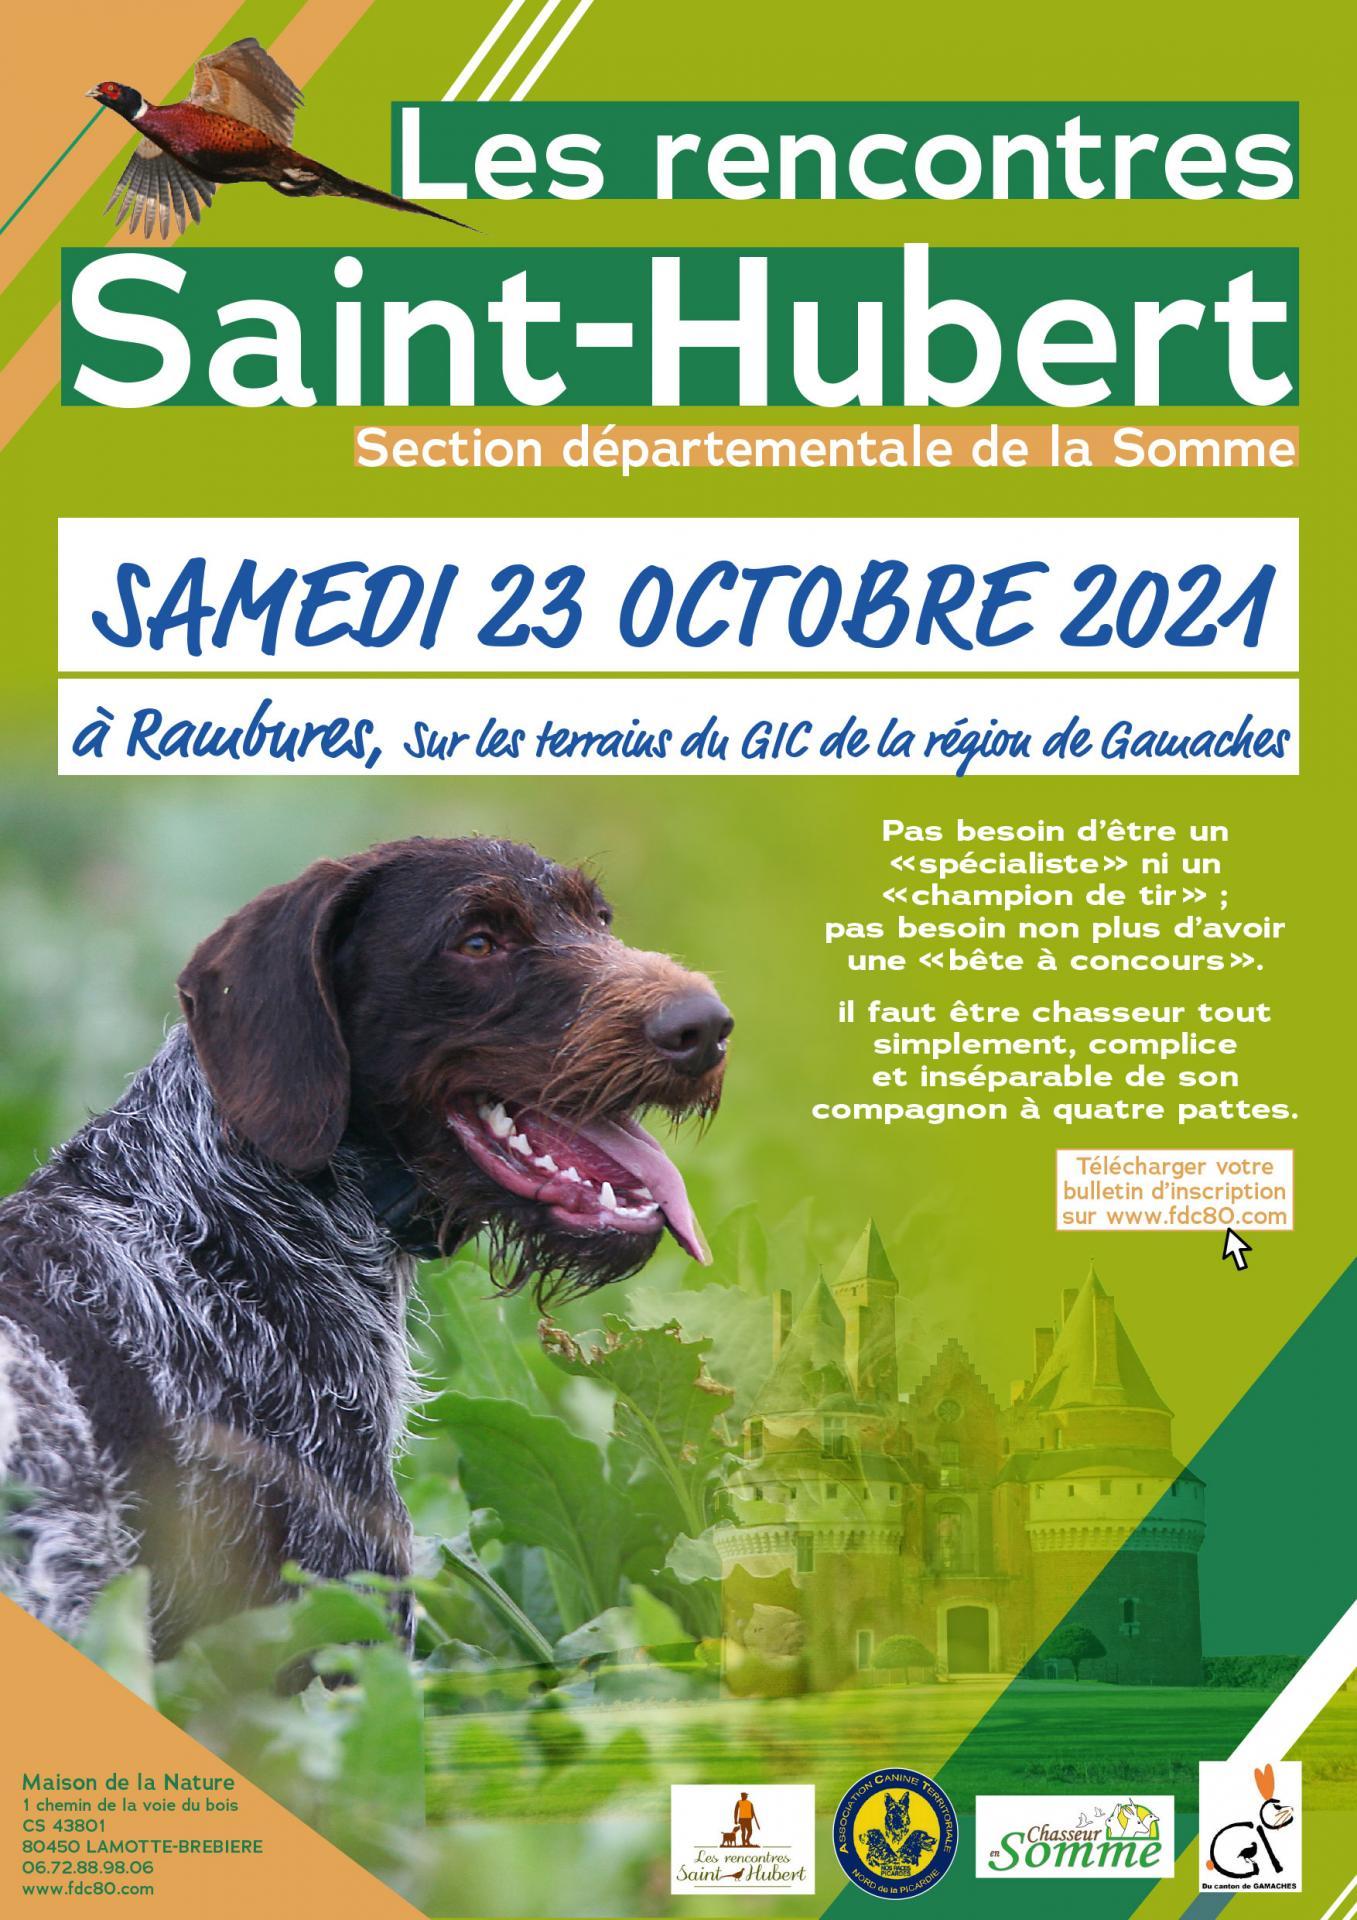 St hubert2021